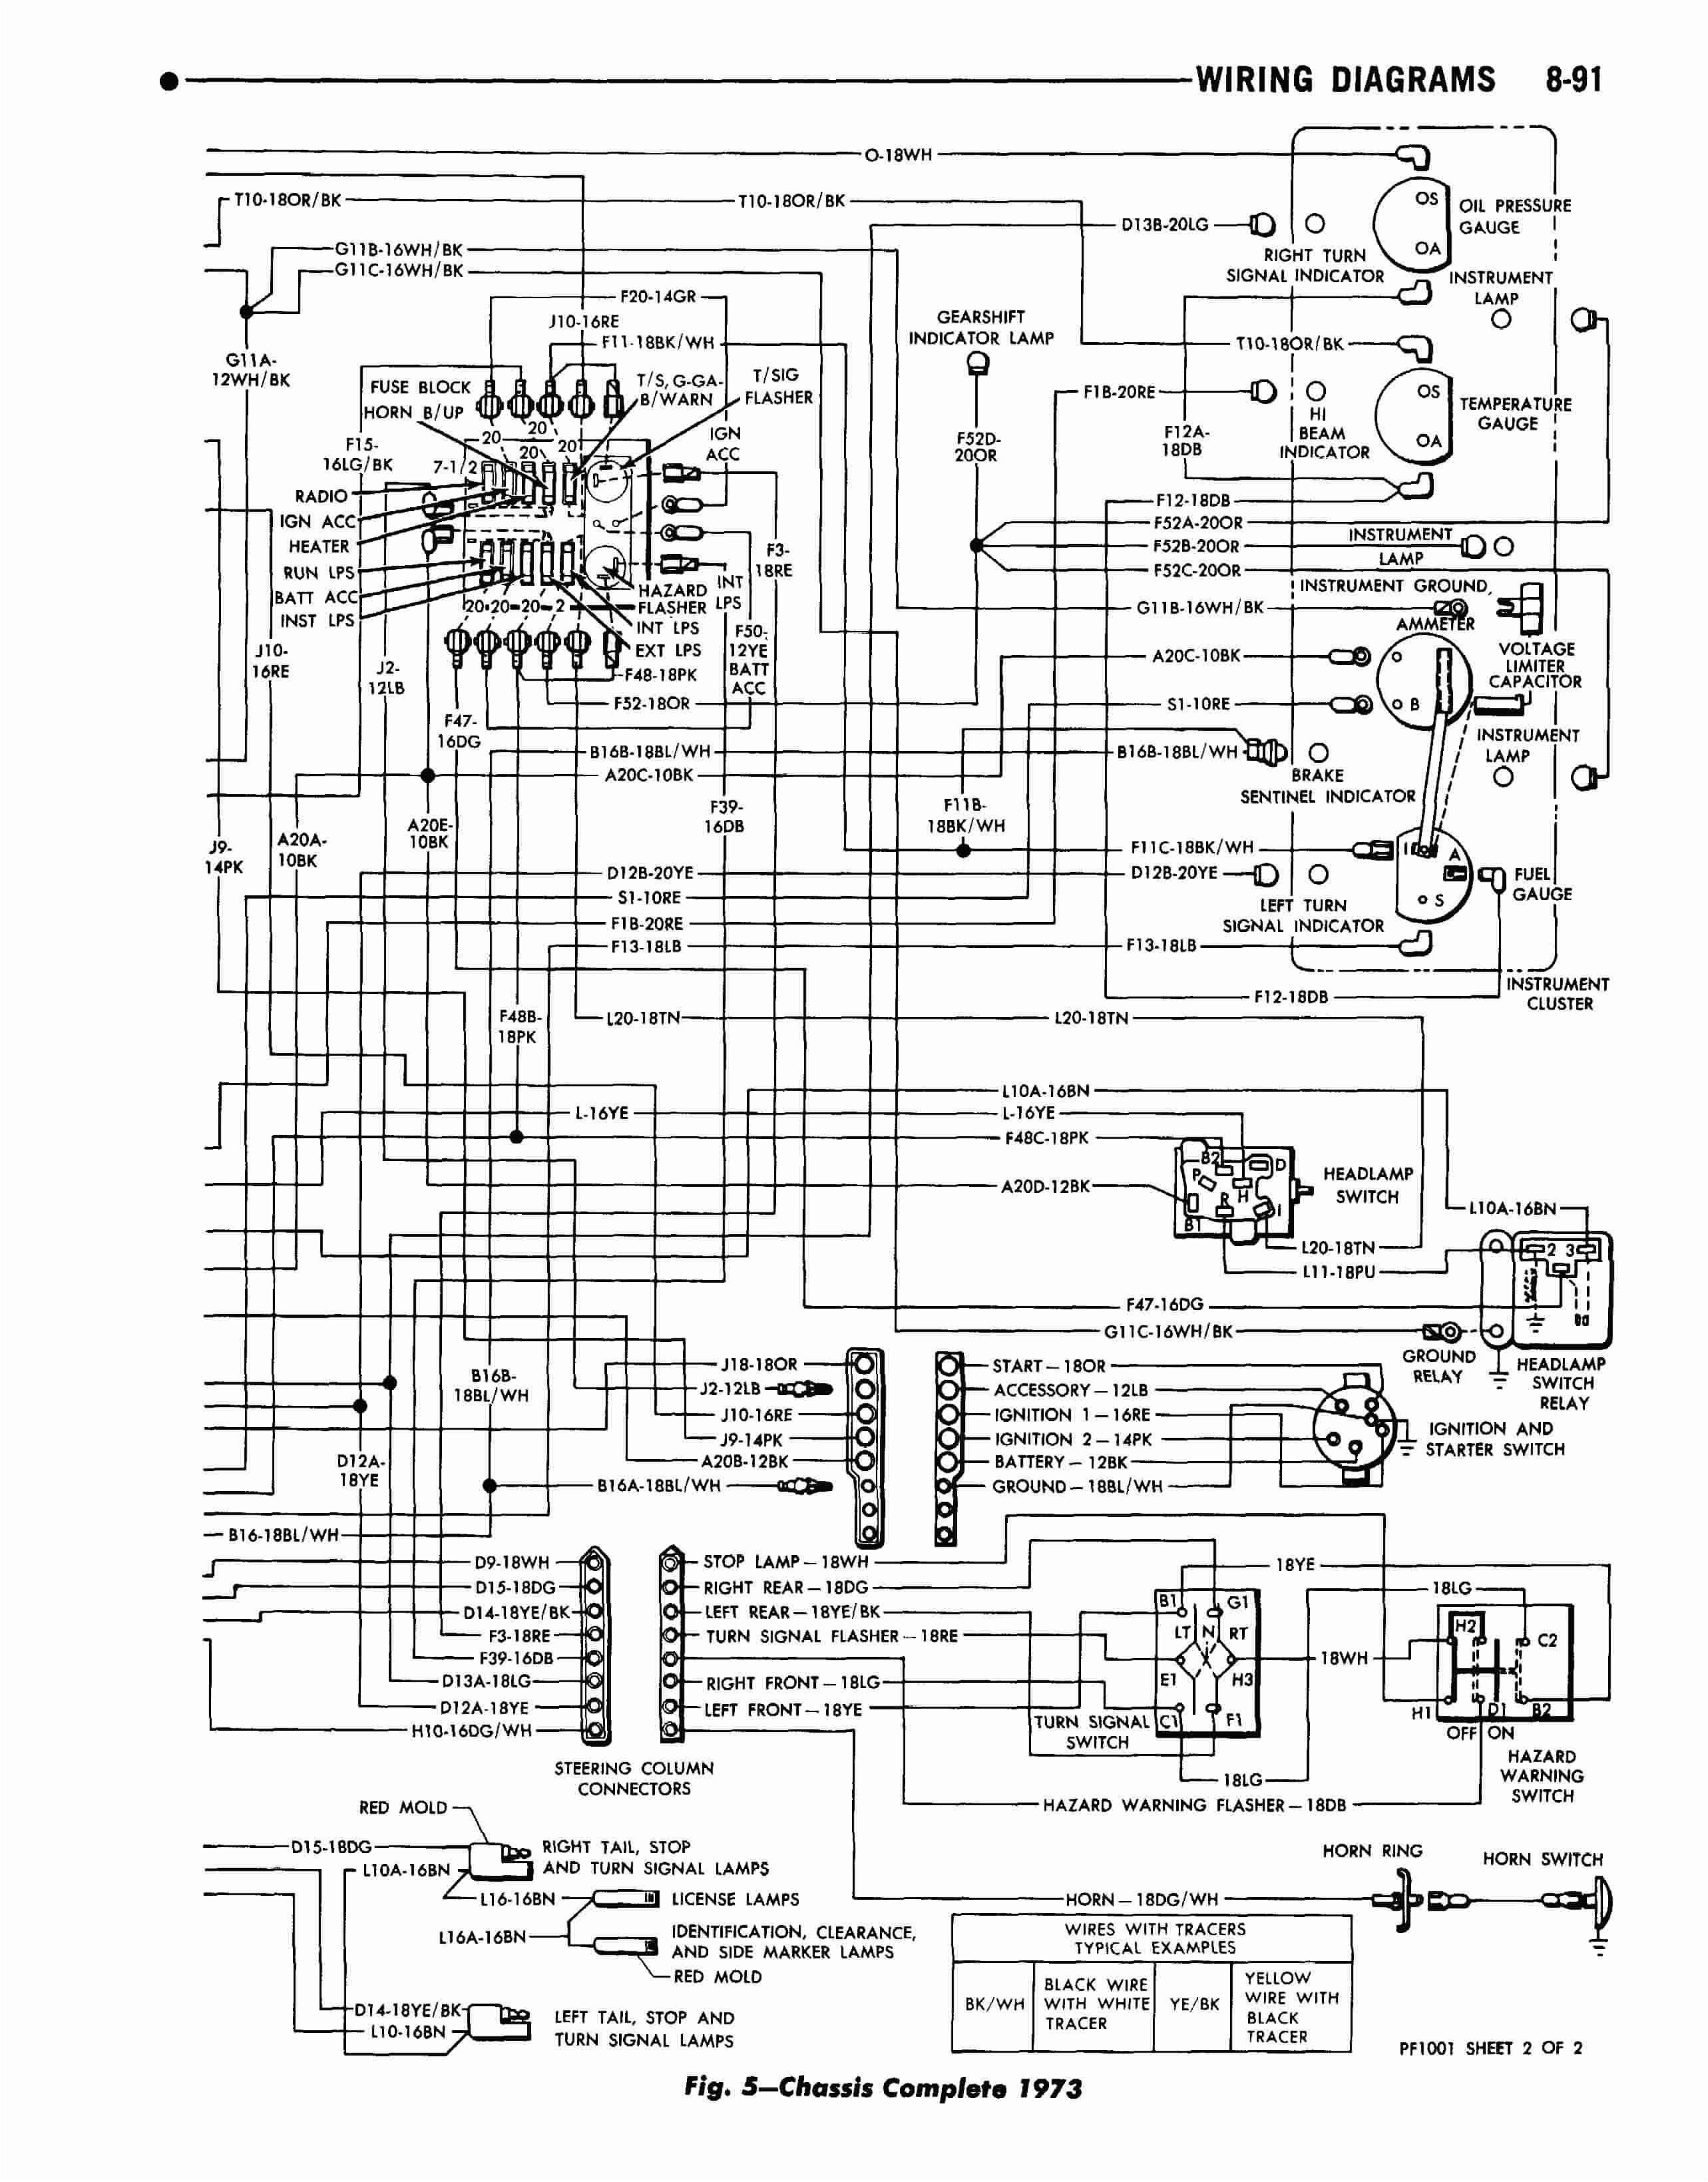 Winnebago Wiring Diagrams Fine Winnebago Wiring Diagrams Ideas Wiring Diagram Ideas